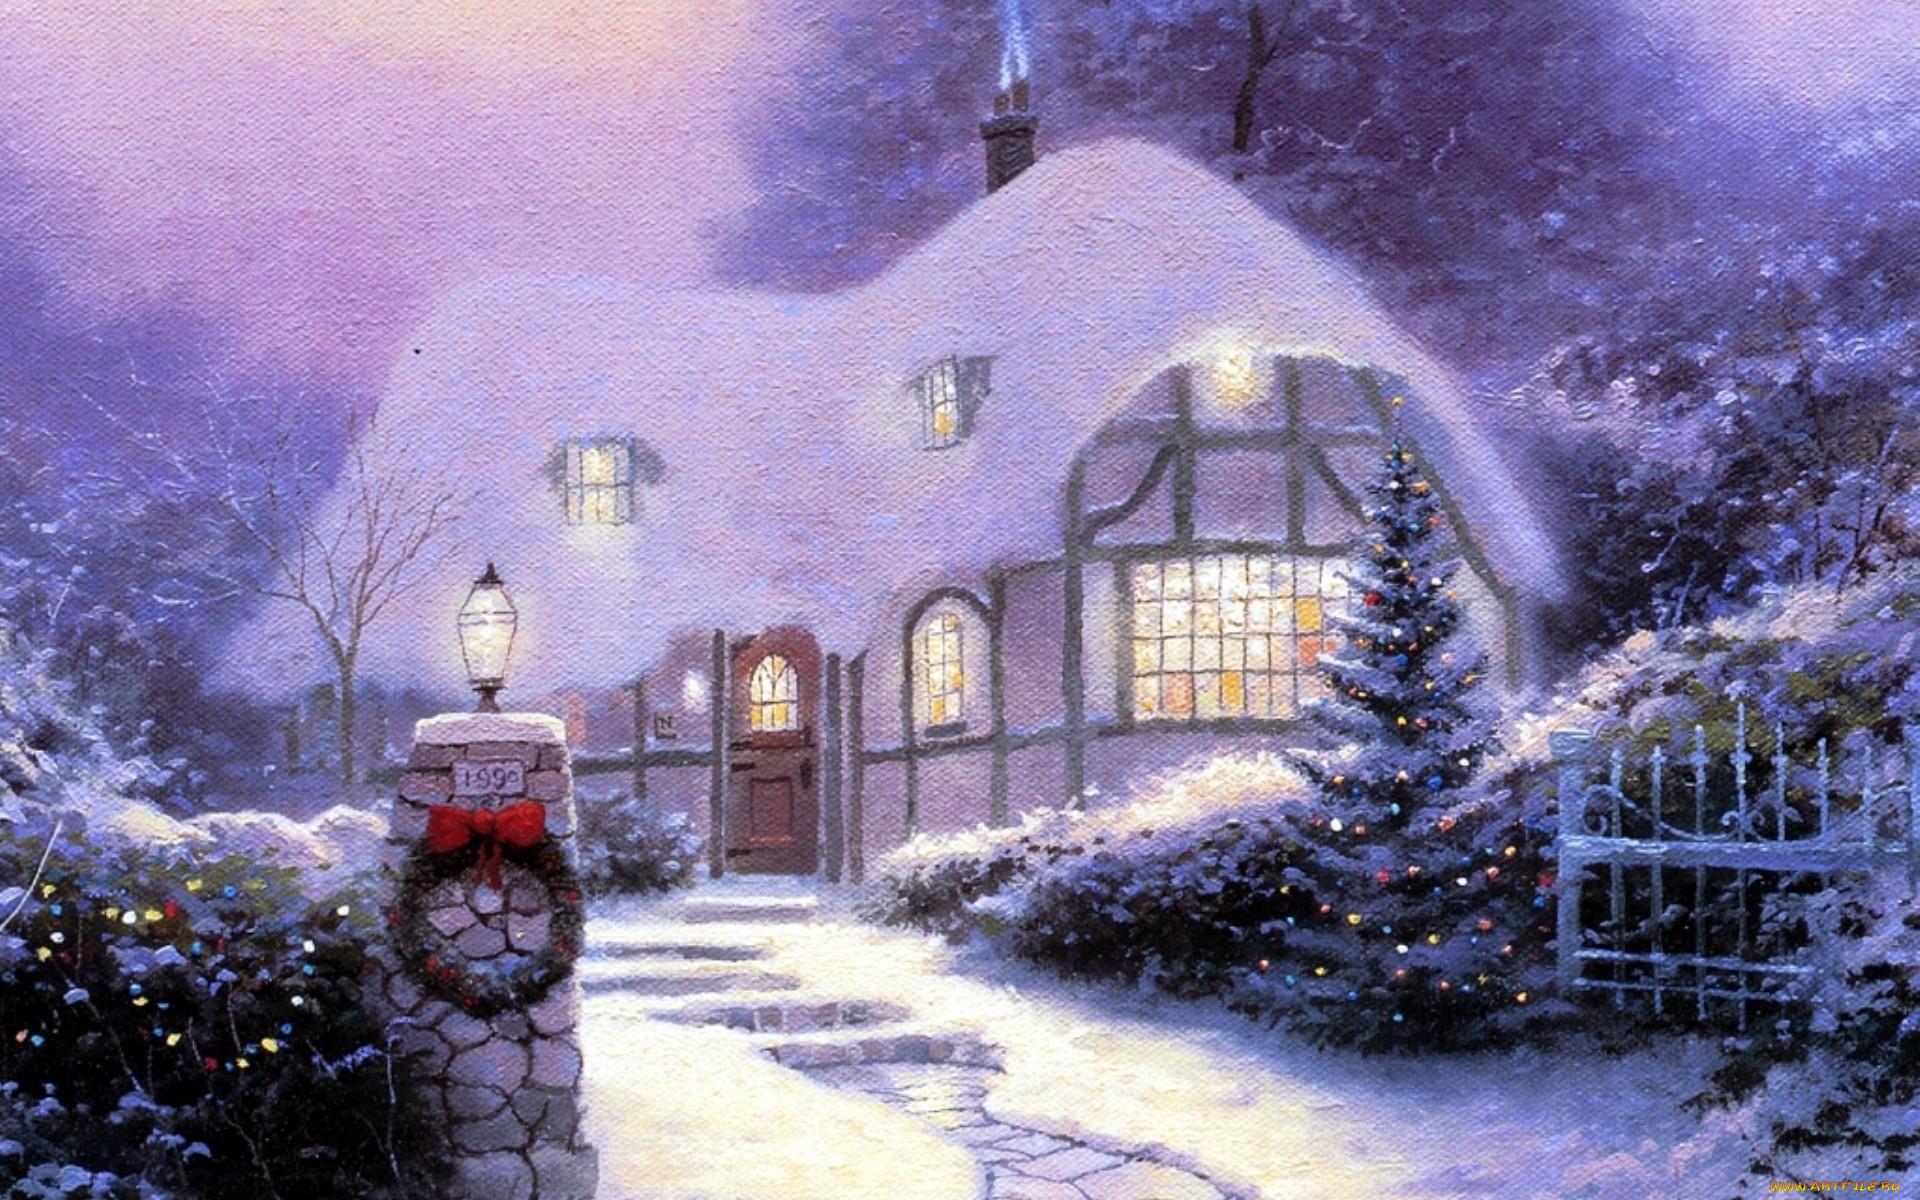 помощью картинка снежные домики этой антологии